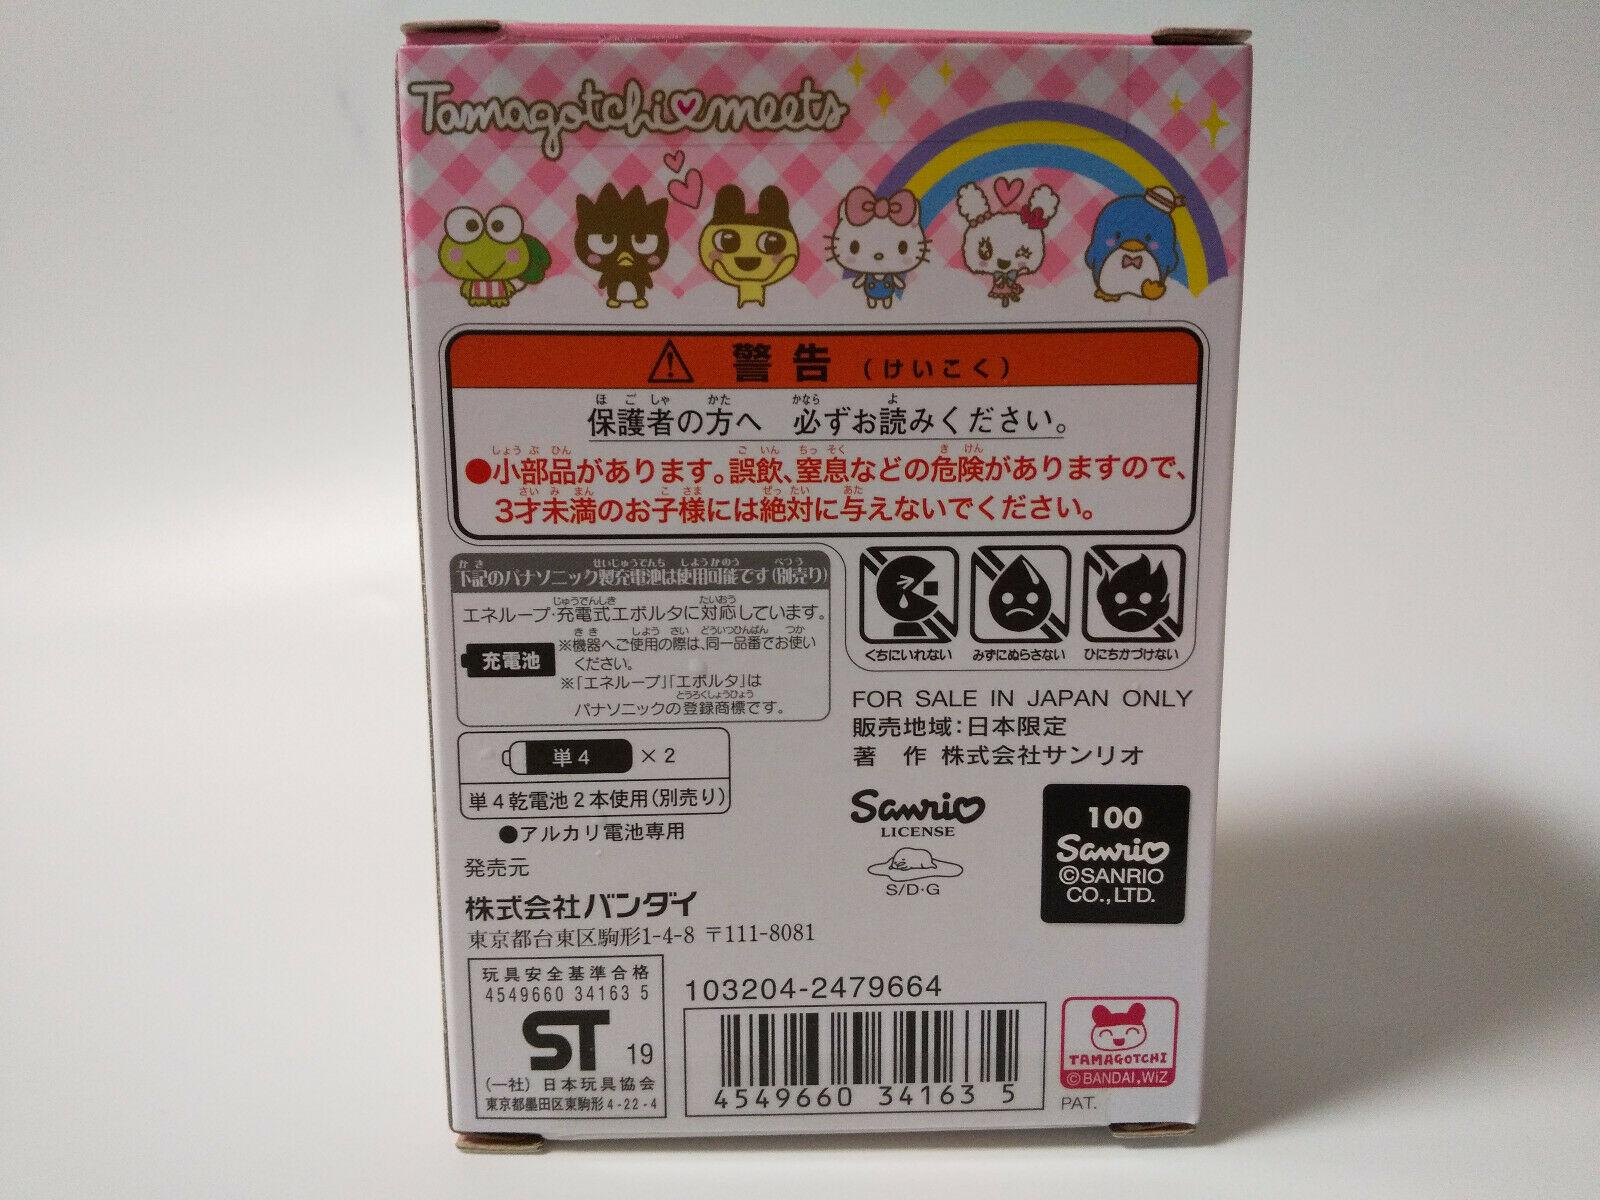 Tamagotchi meets SANRIO Character meets Ver, BANDAI NEW Hello kitty My Melody